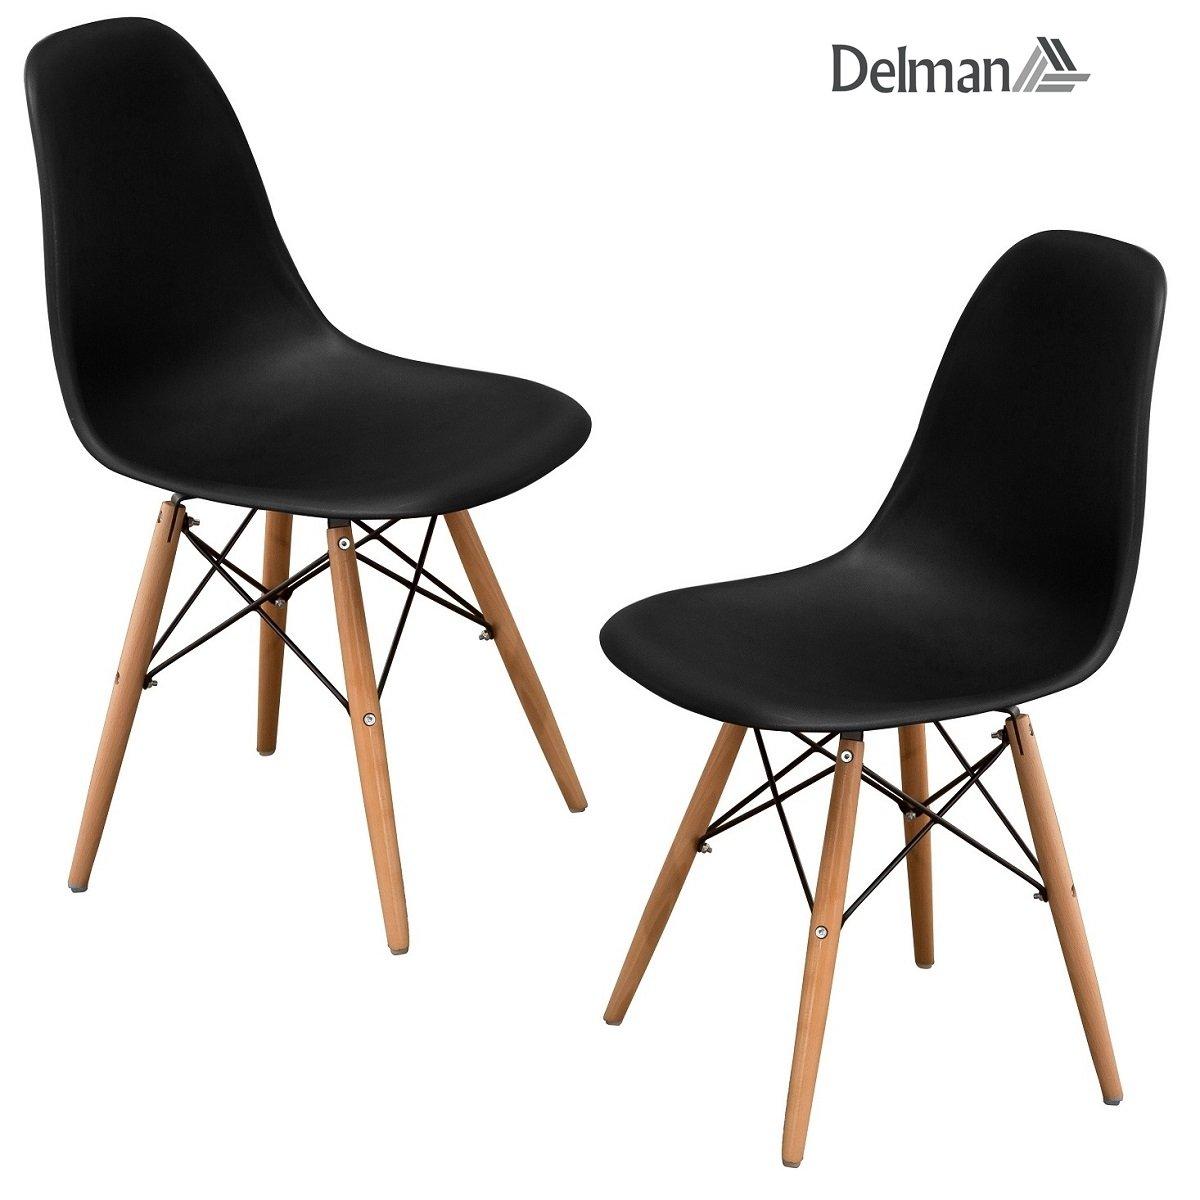 Delman Esszimmerstuhl Esszimmerstühle Wohnzimmerstühle ...